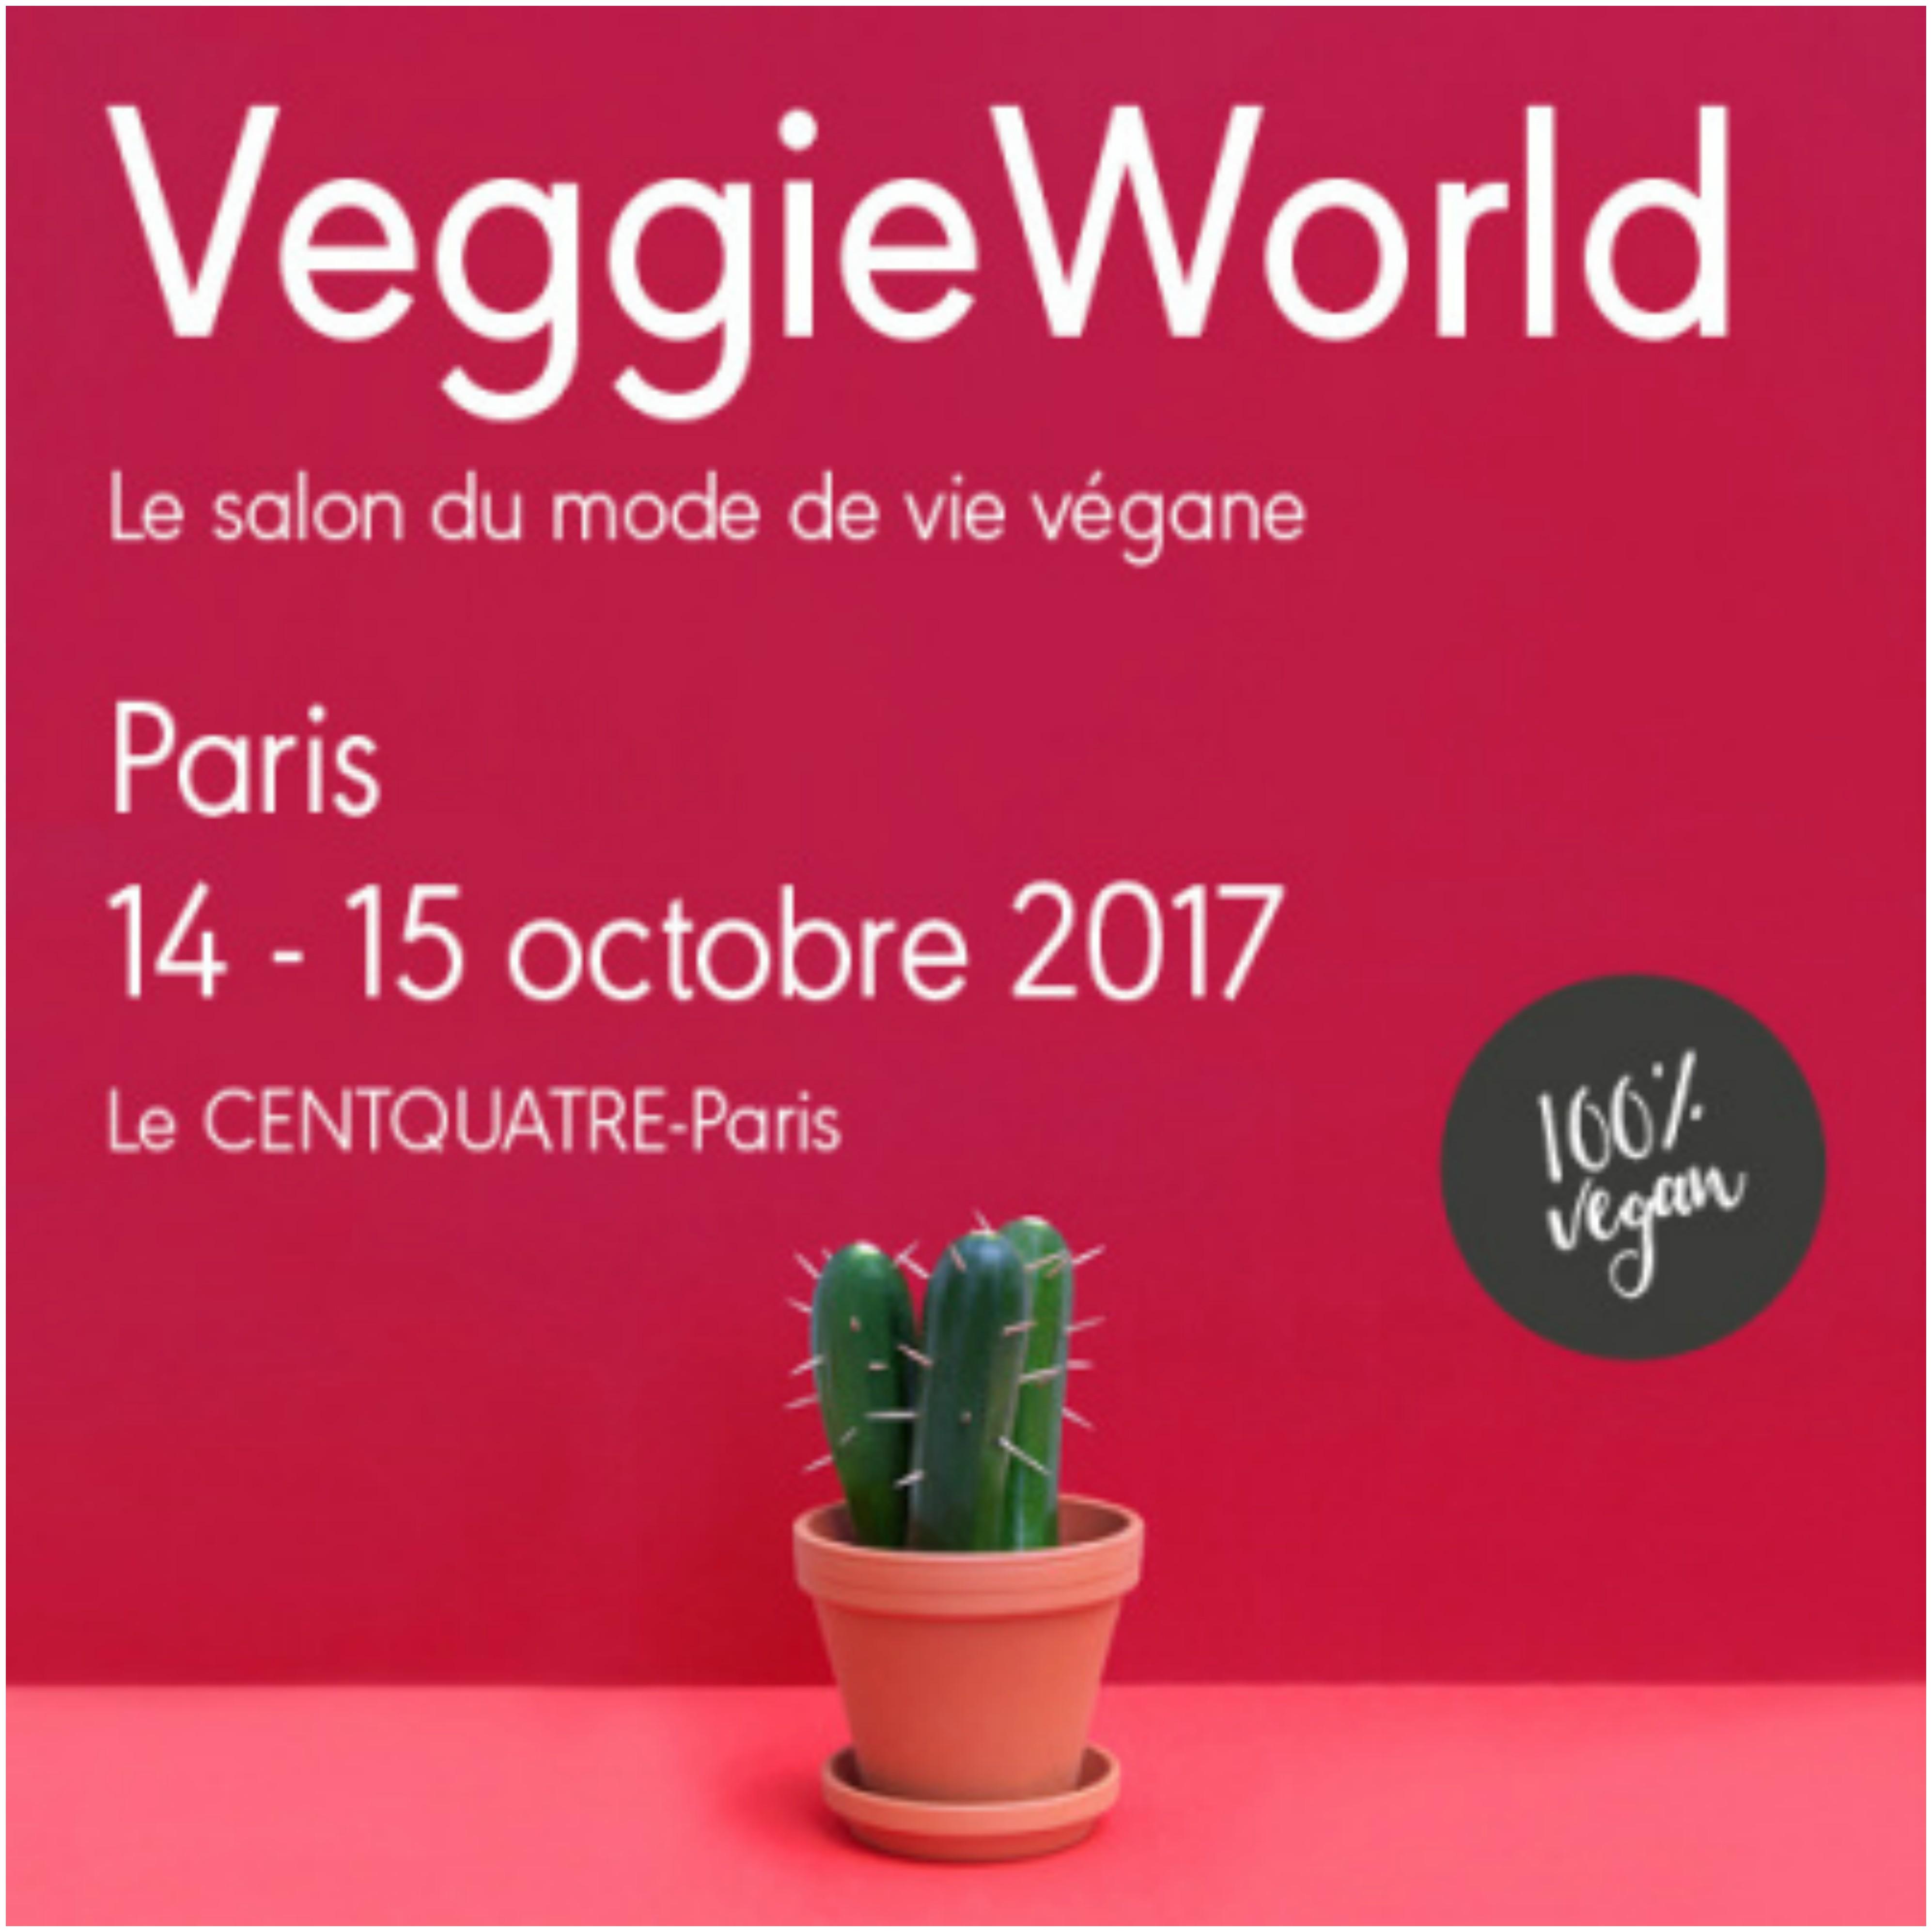 retour sur le veggie world 2017 paris bordelaise by mimi